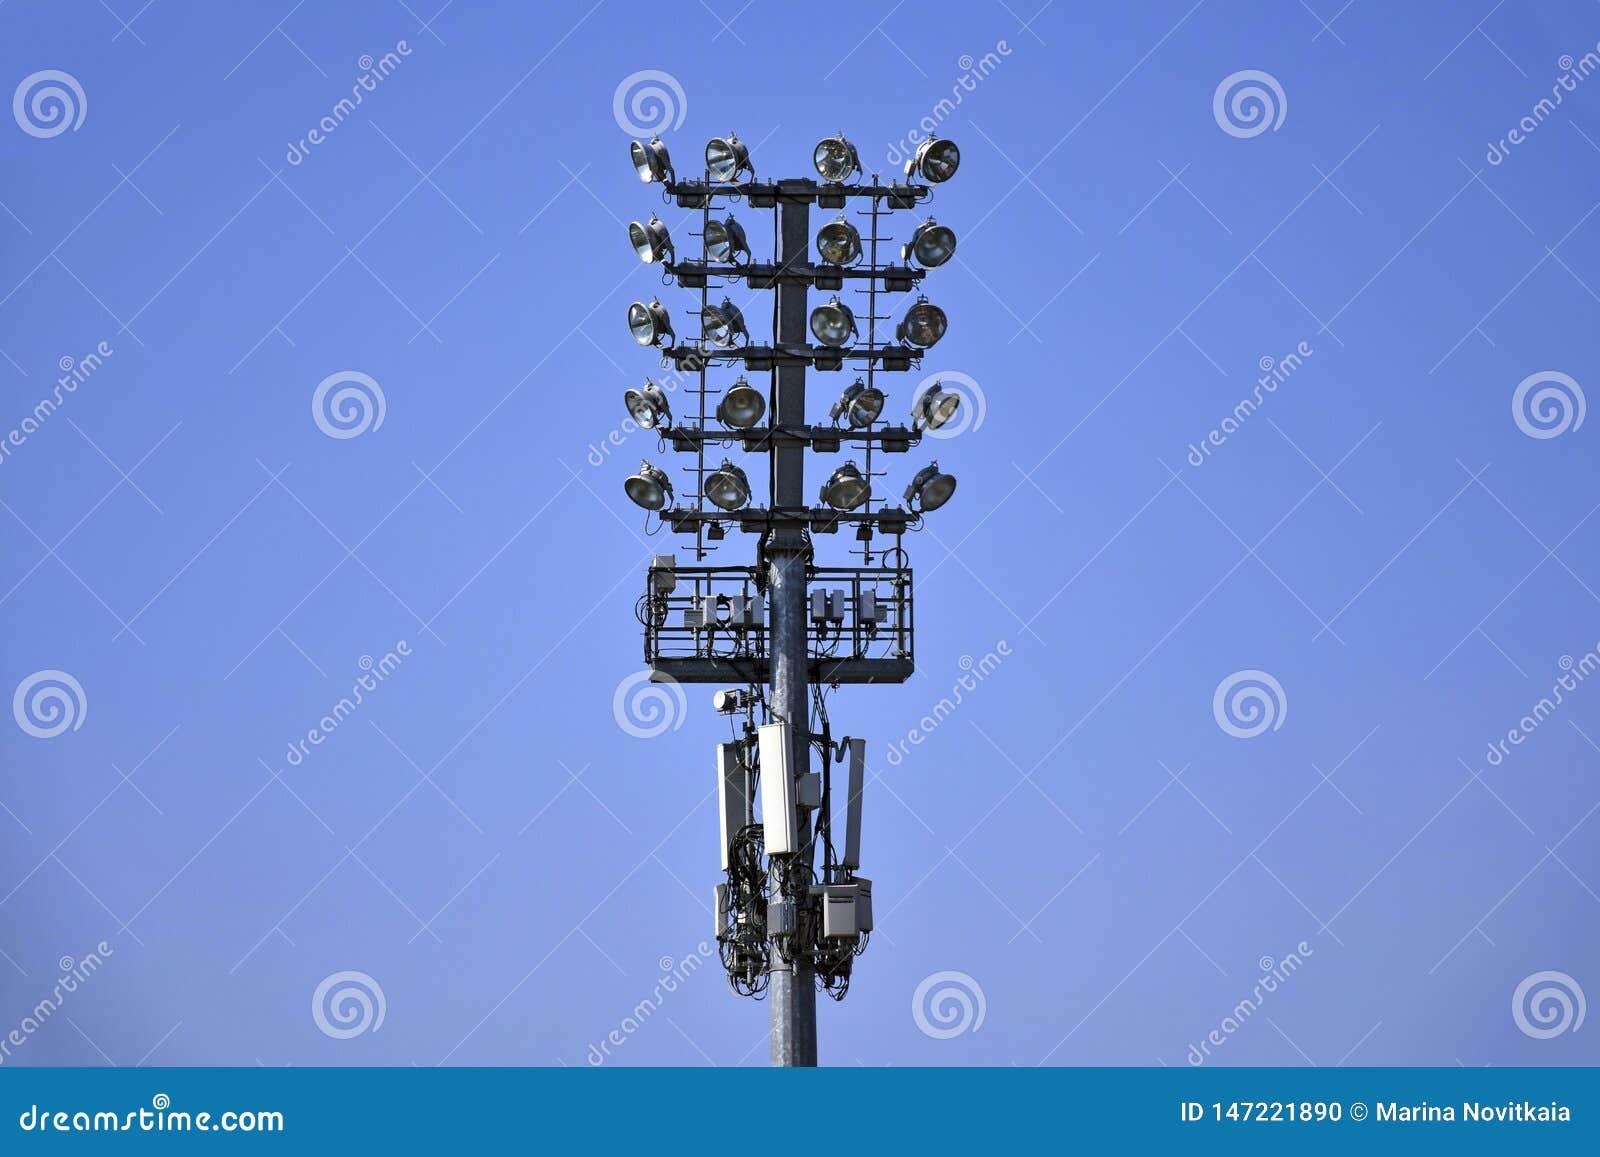 Torre de iluminación grande con los proyectores y los altavoces instalados contra el cielo despejado azul brillante